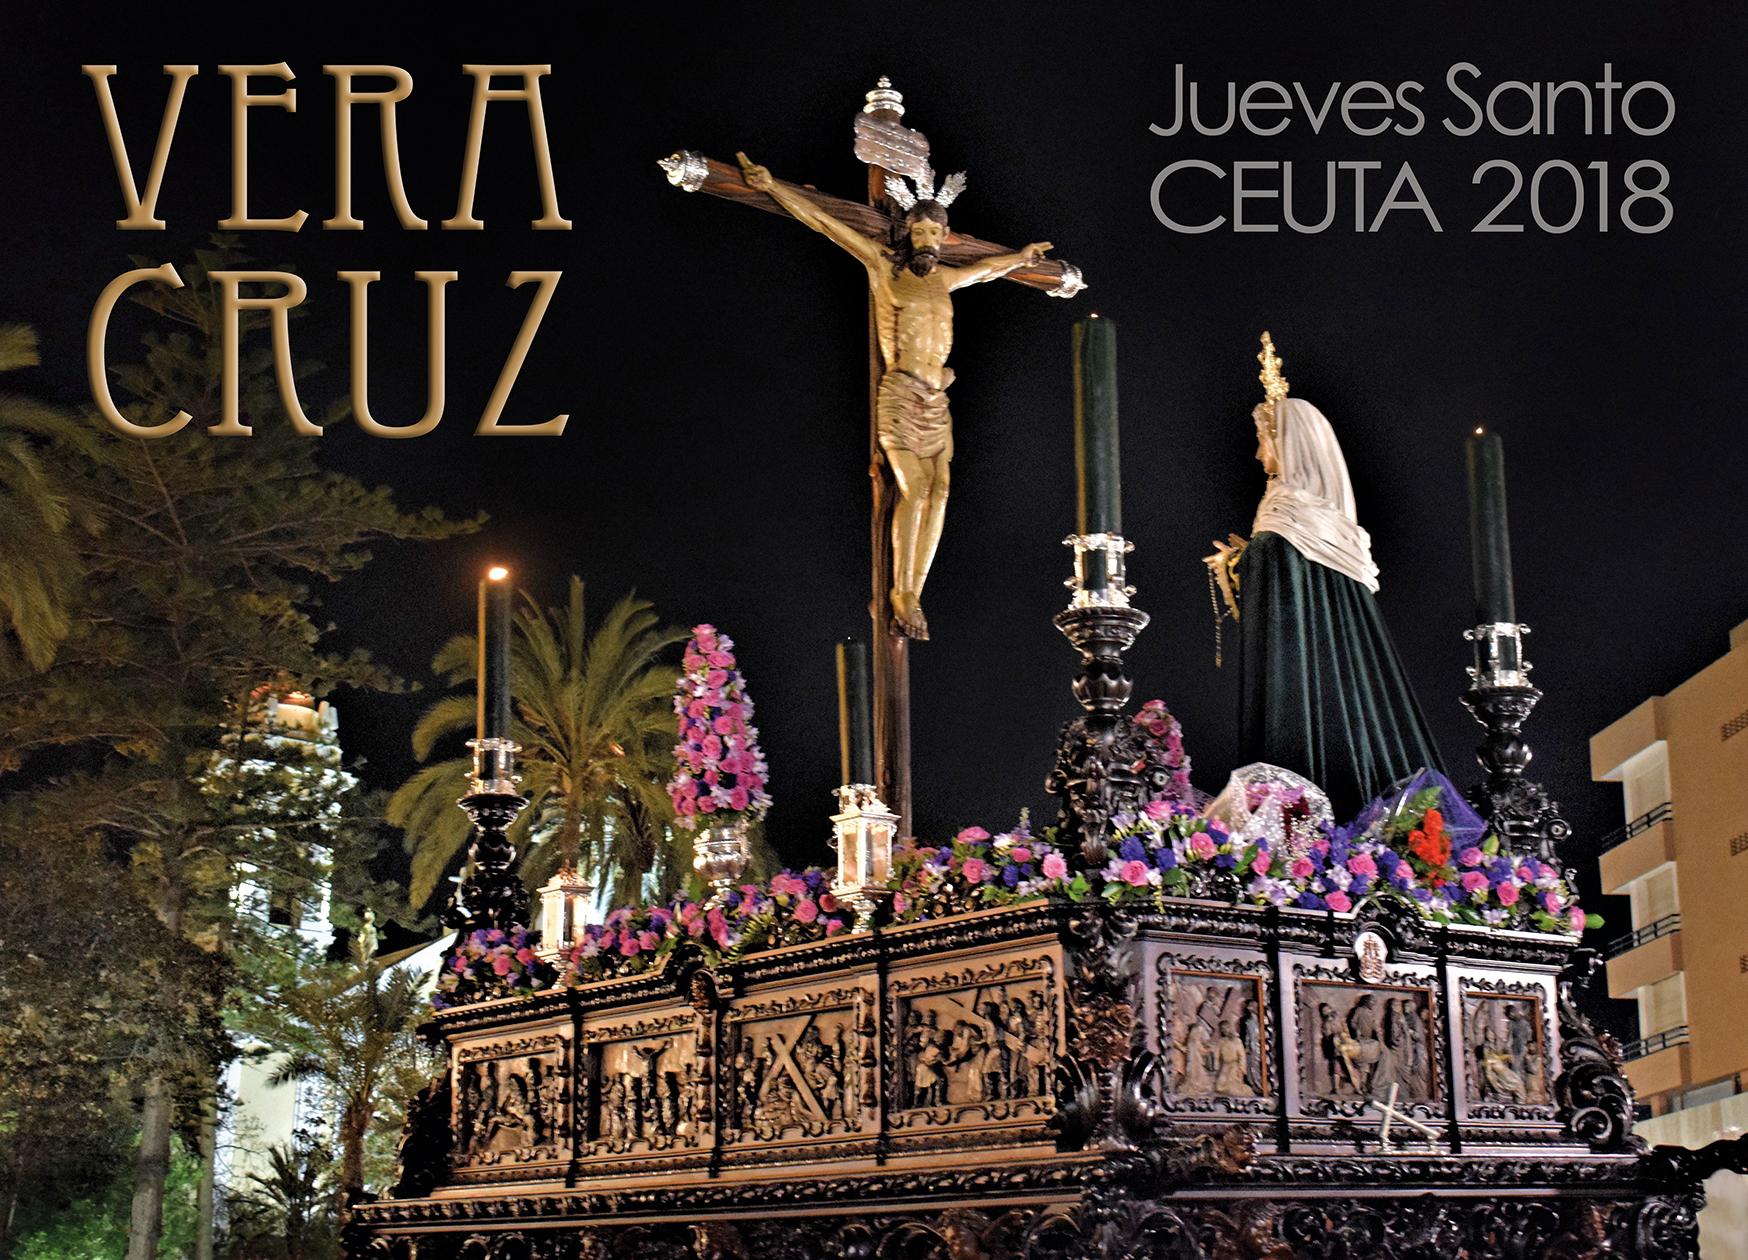 Cartel Jueves Santo 2018